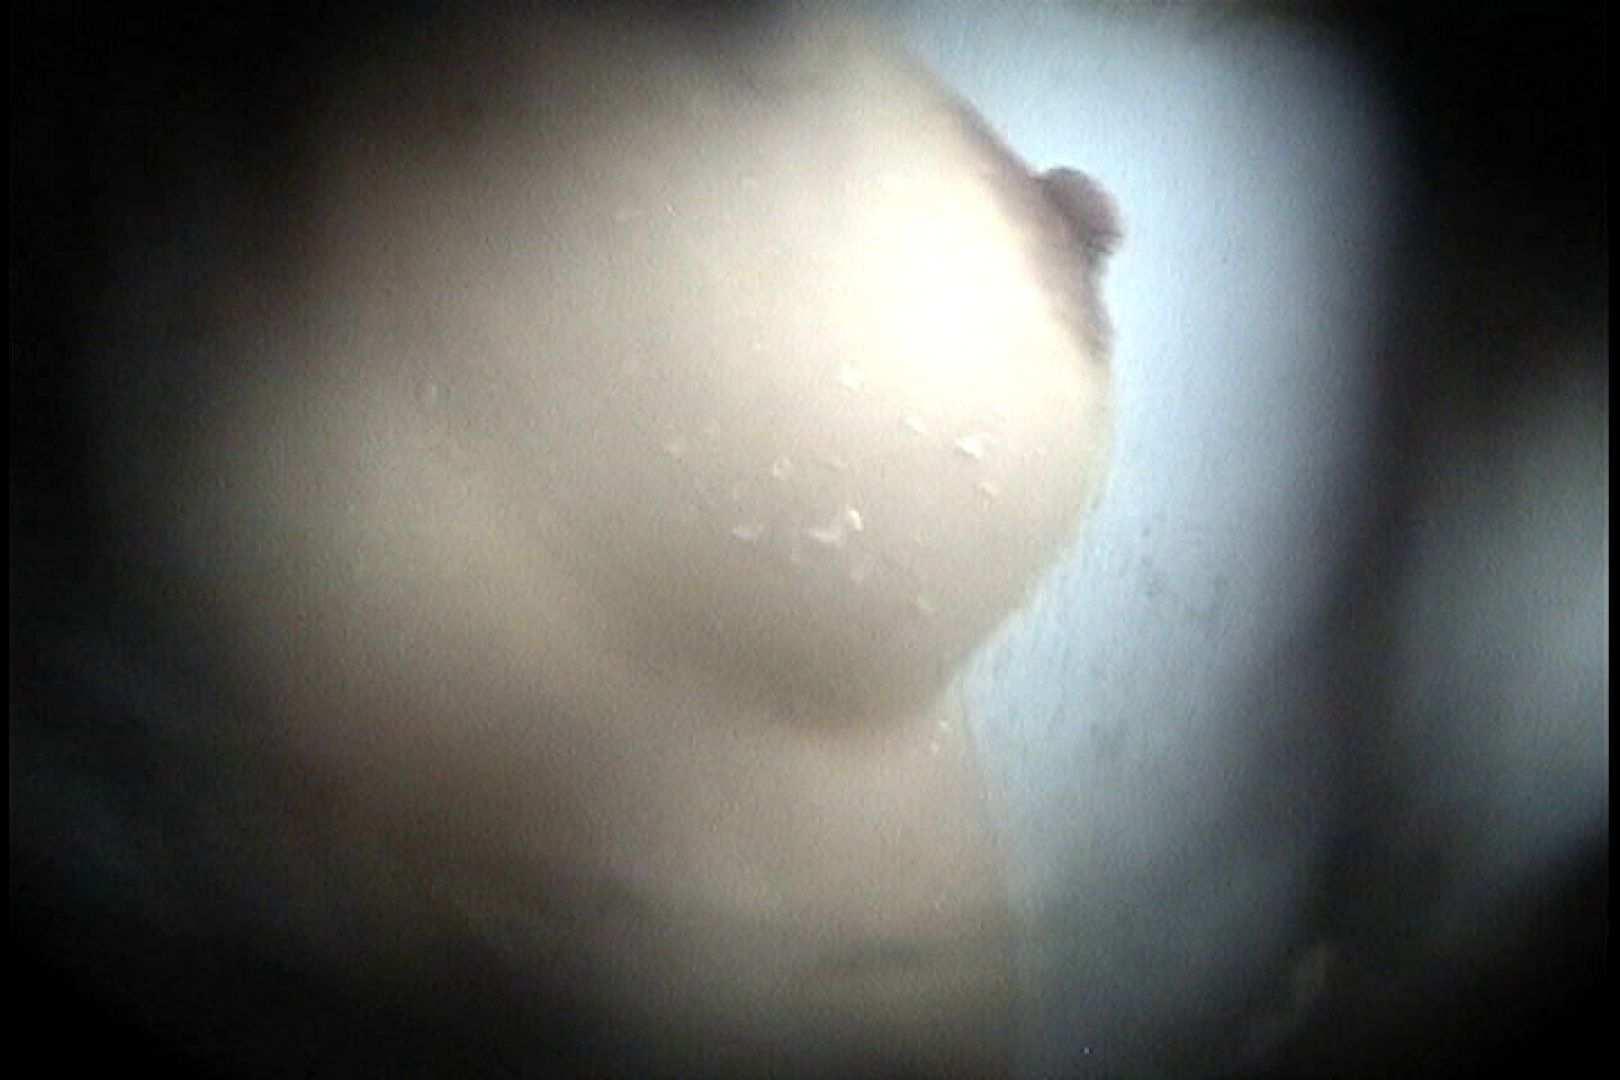 No.88 張りのある見事な巨乳のゆれ具合を堪能 接写 セックス画像 95枚